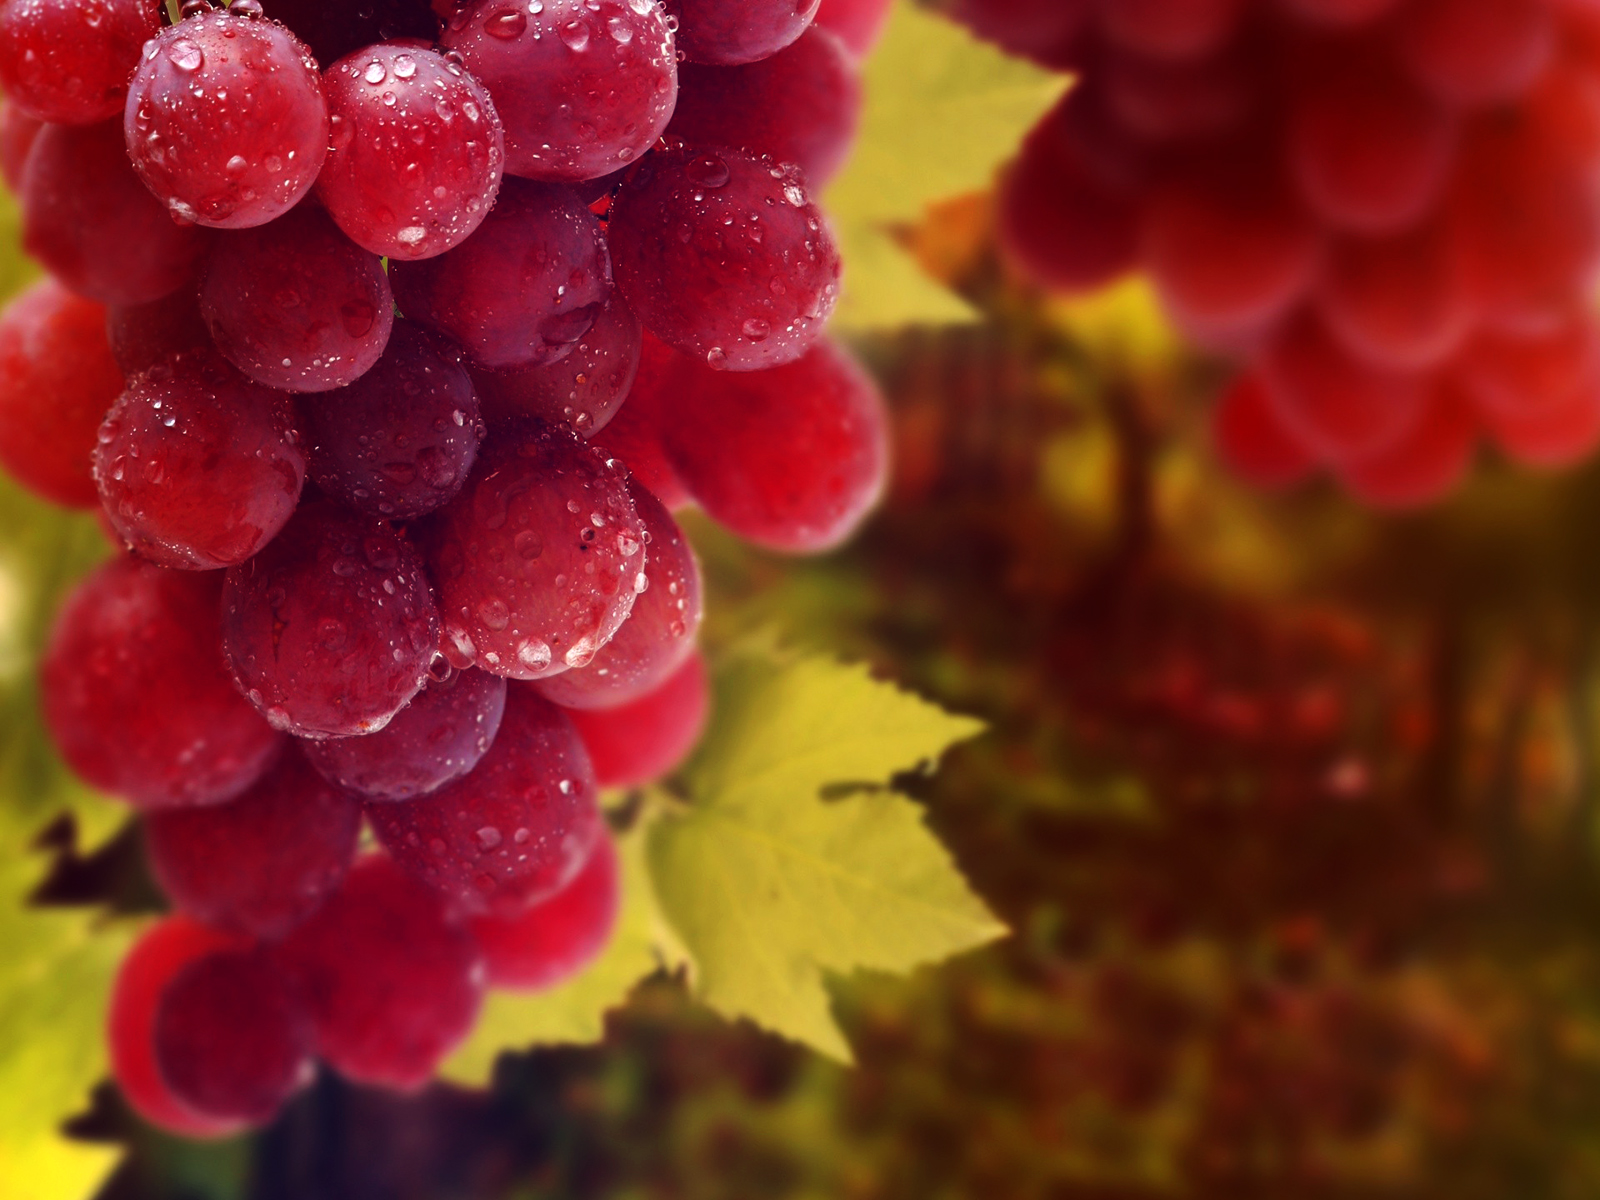 العنب الأحمر في المنام للمتزوجة